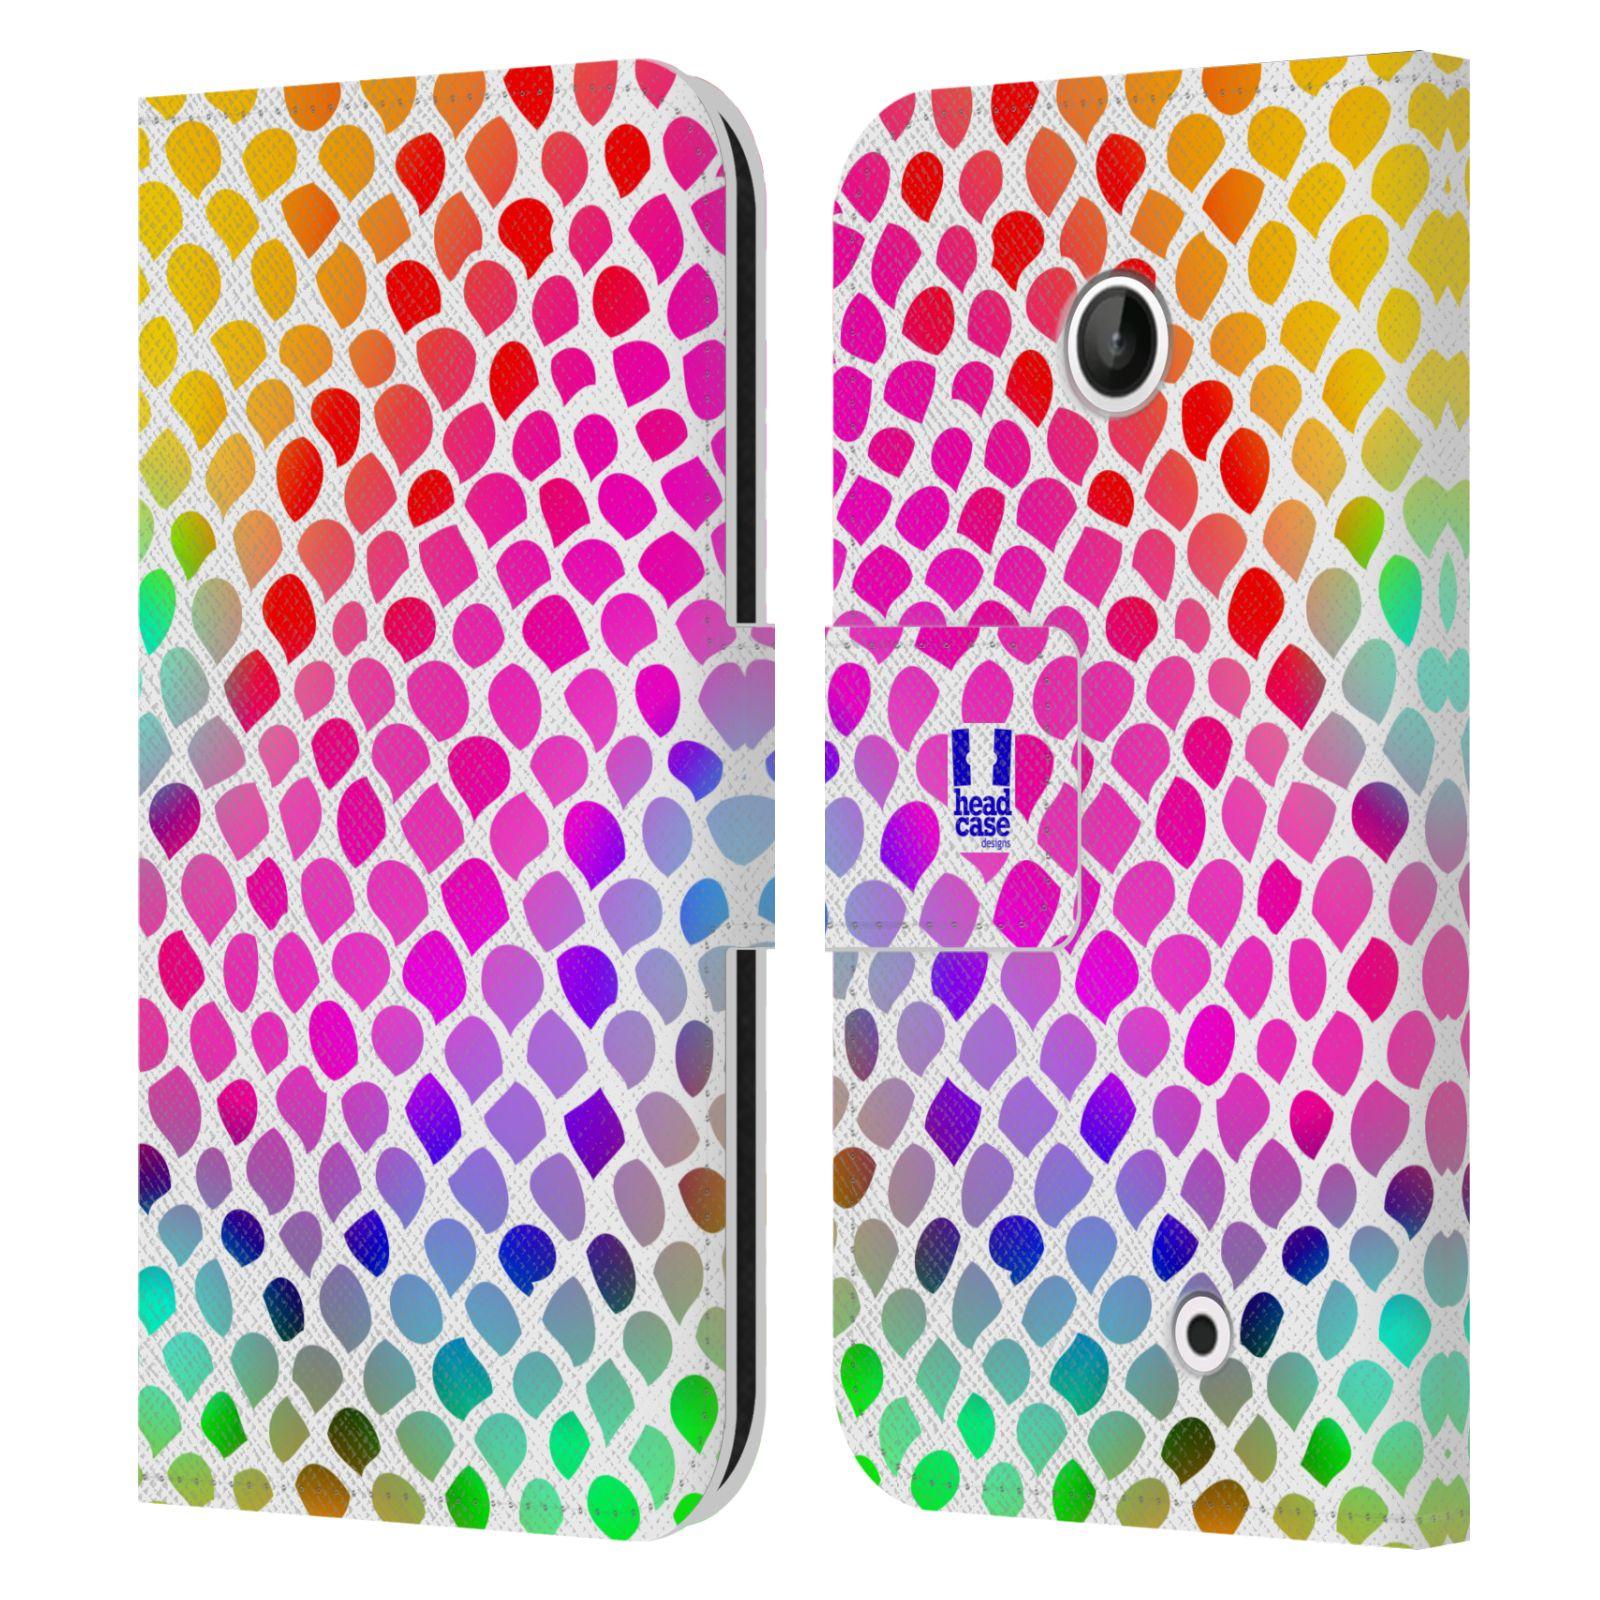 HEAD CASE Flipové pouzdro pro mobil NOKIA LUMIA 630 / LUMIA 630 DUAL Zvířecí barevné vzory duhový had